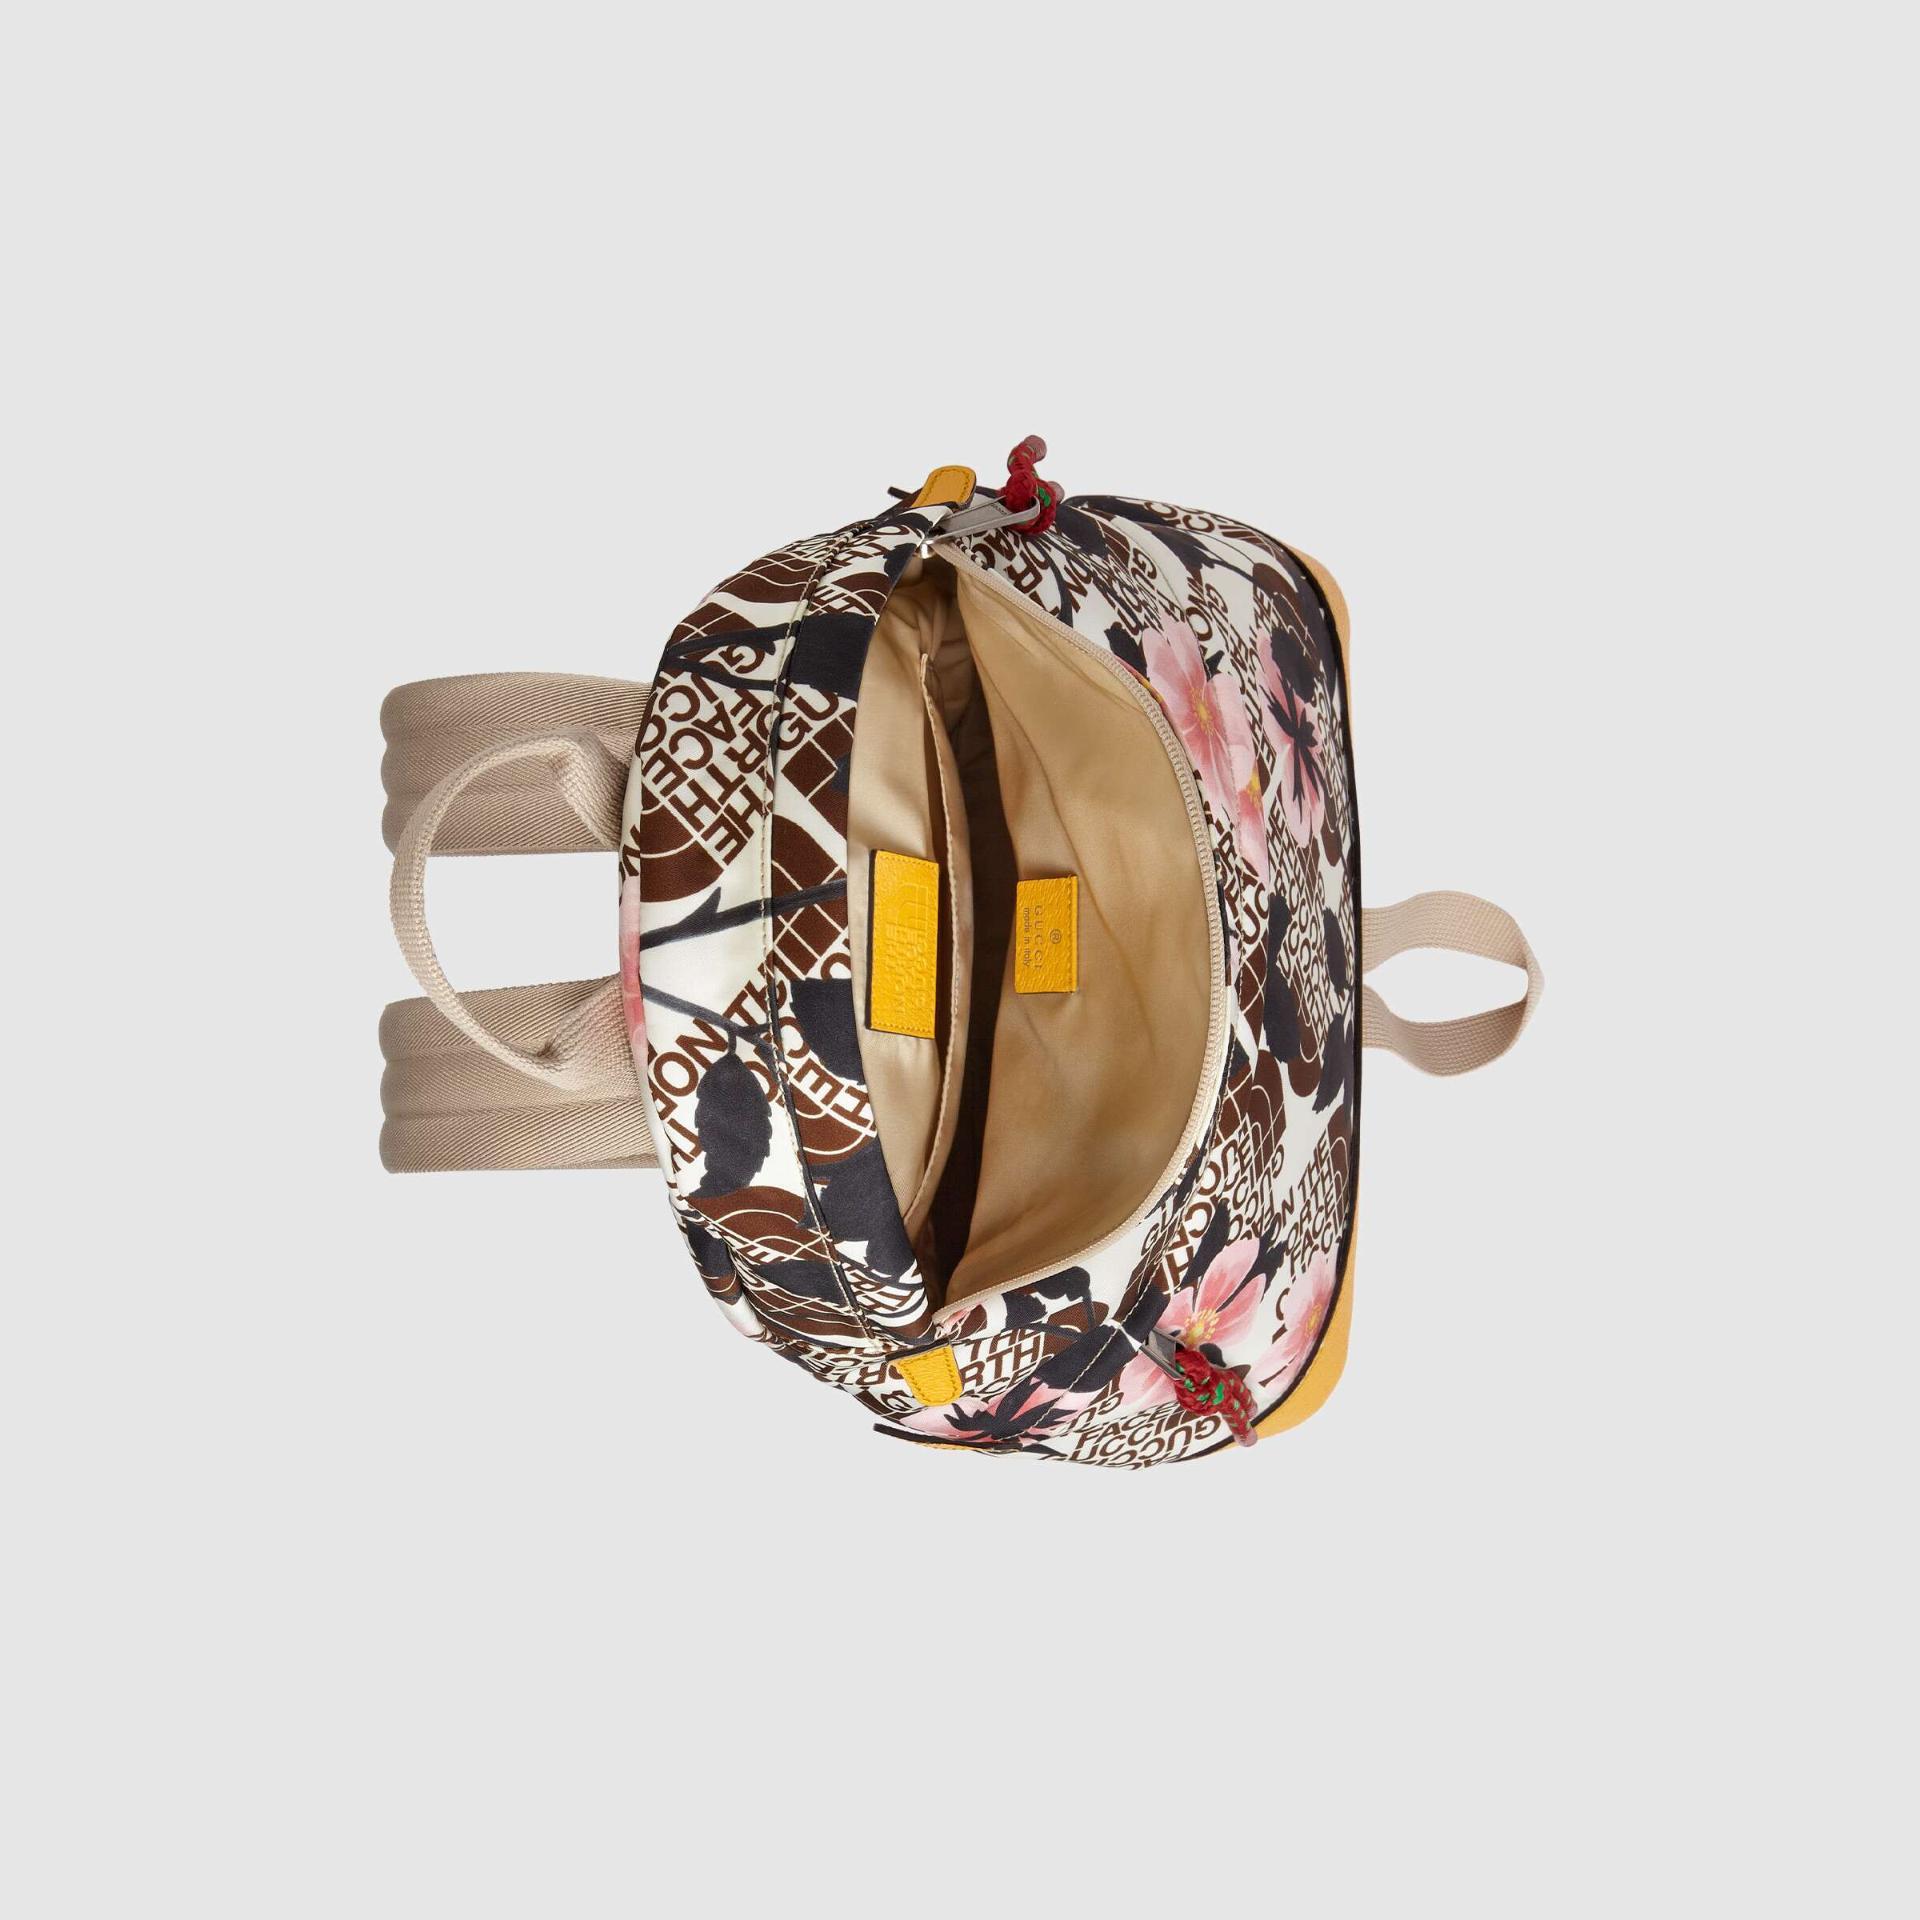 유럽직배송 구찌 GUCCI Gucci - The North Face x Gucci medium backpack 6502882QXCN9871